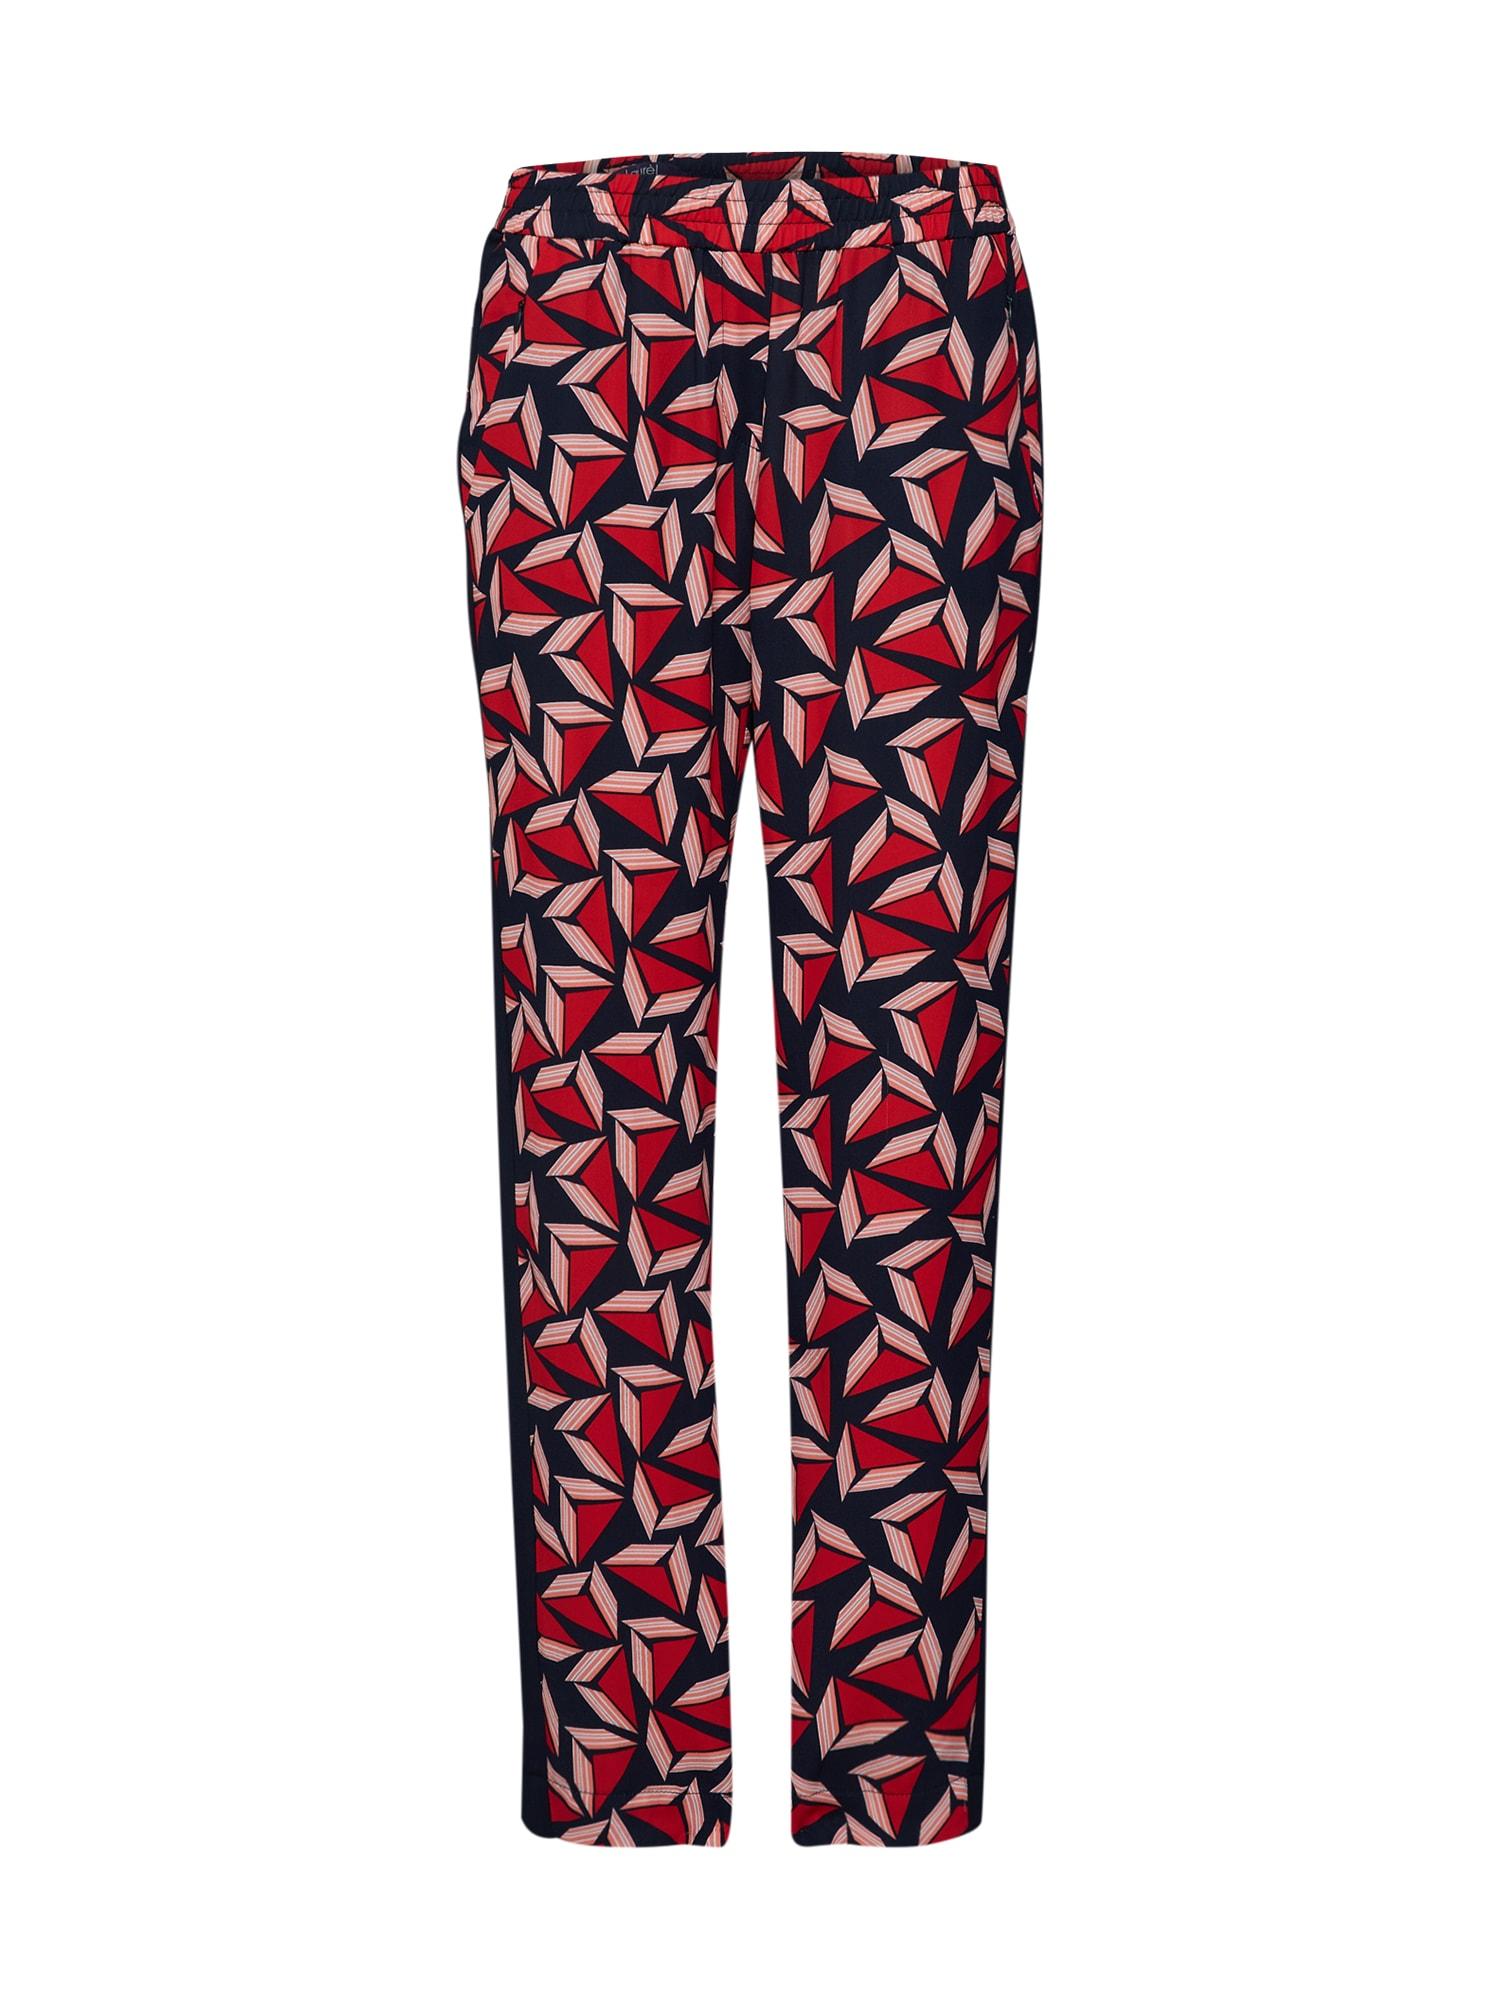 Kalhoty 81008 námořnická modř tmavě červená LAUREL